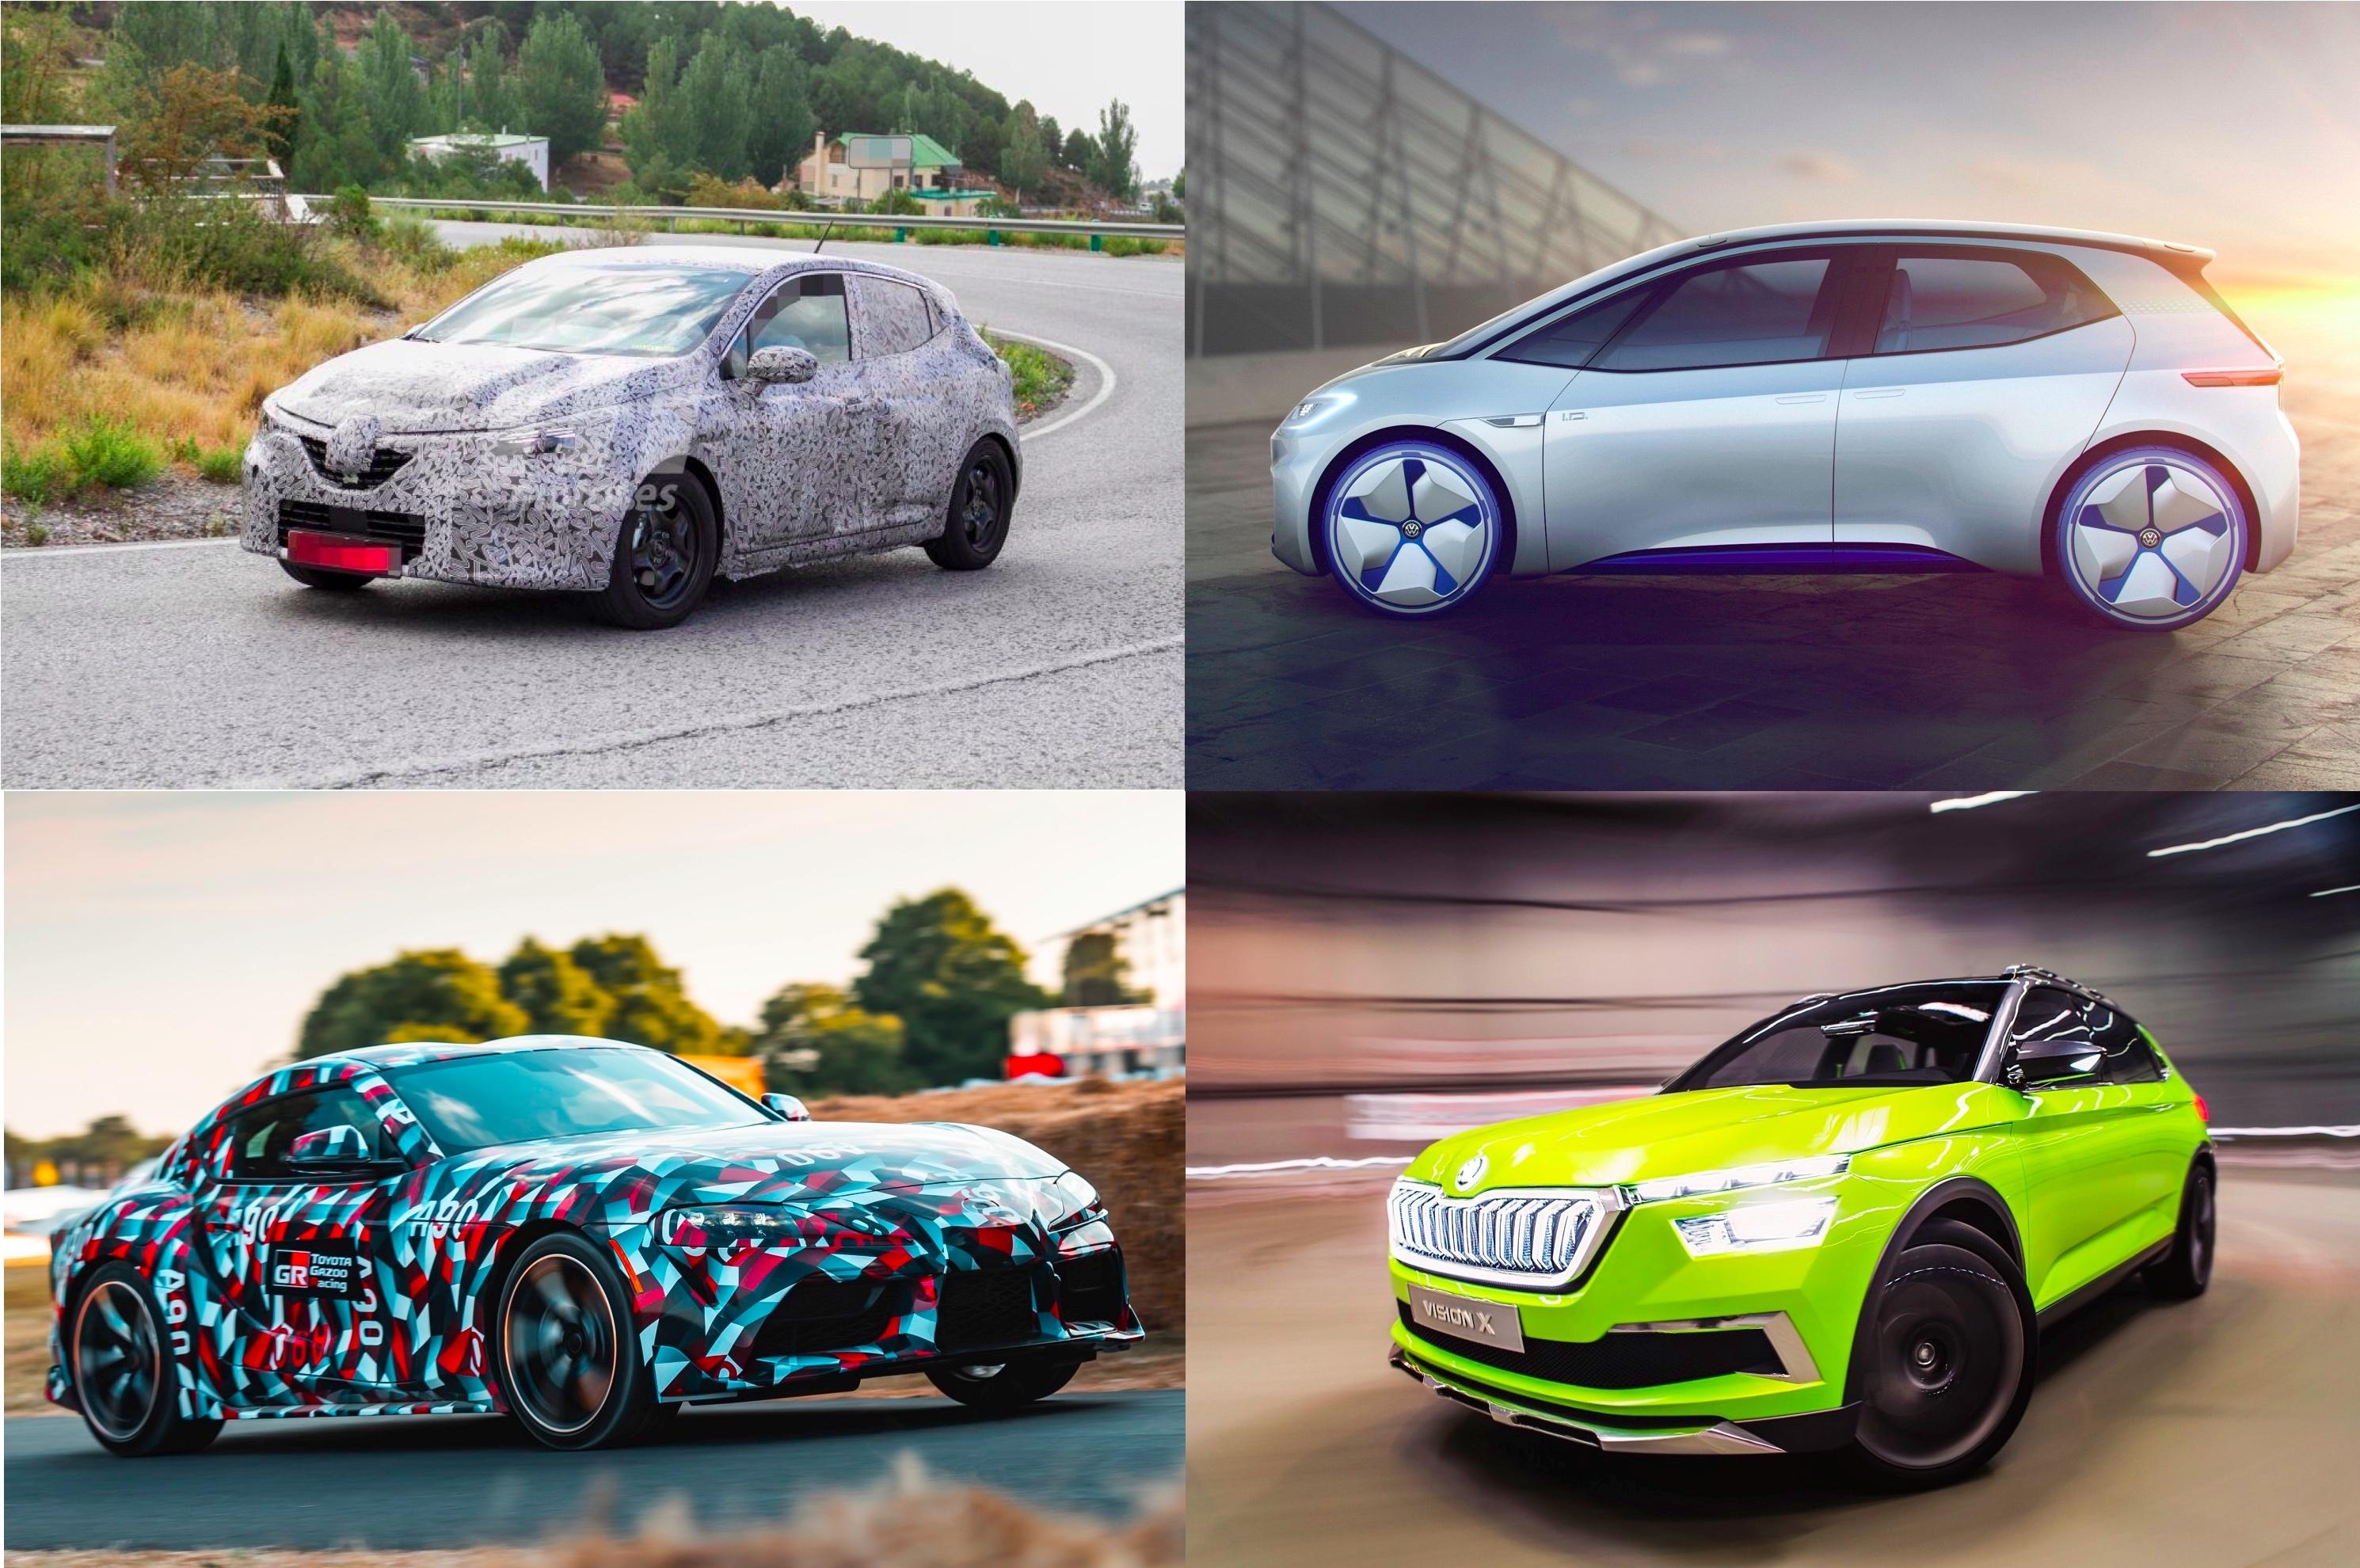 Calendrier Portes Ouvertes Automobile 2021 Grantomobil.fr   Calendrier des nouveautés automobiles jusqu'en